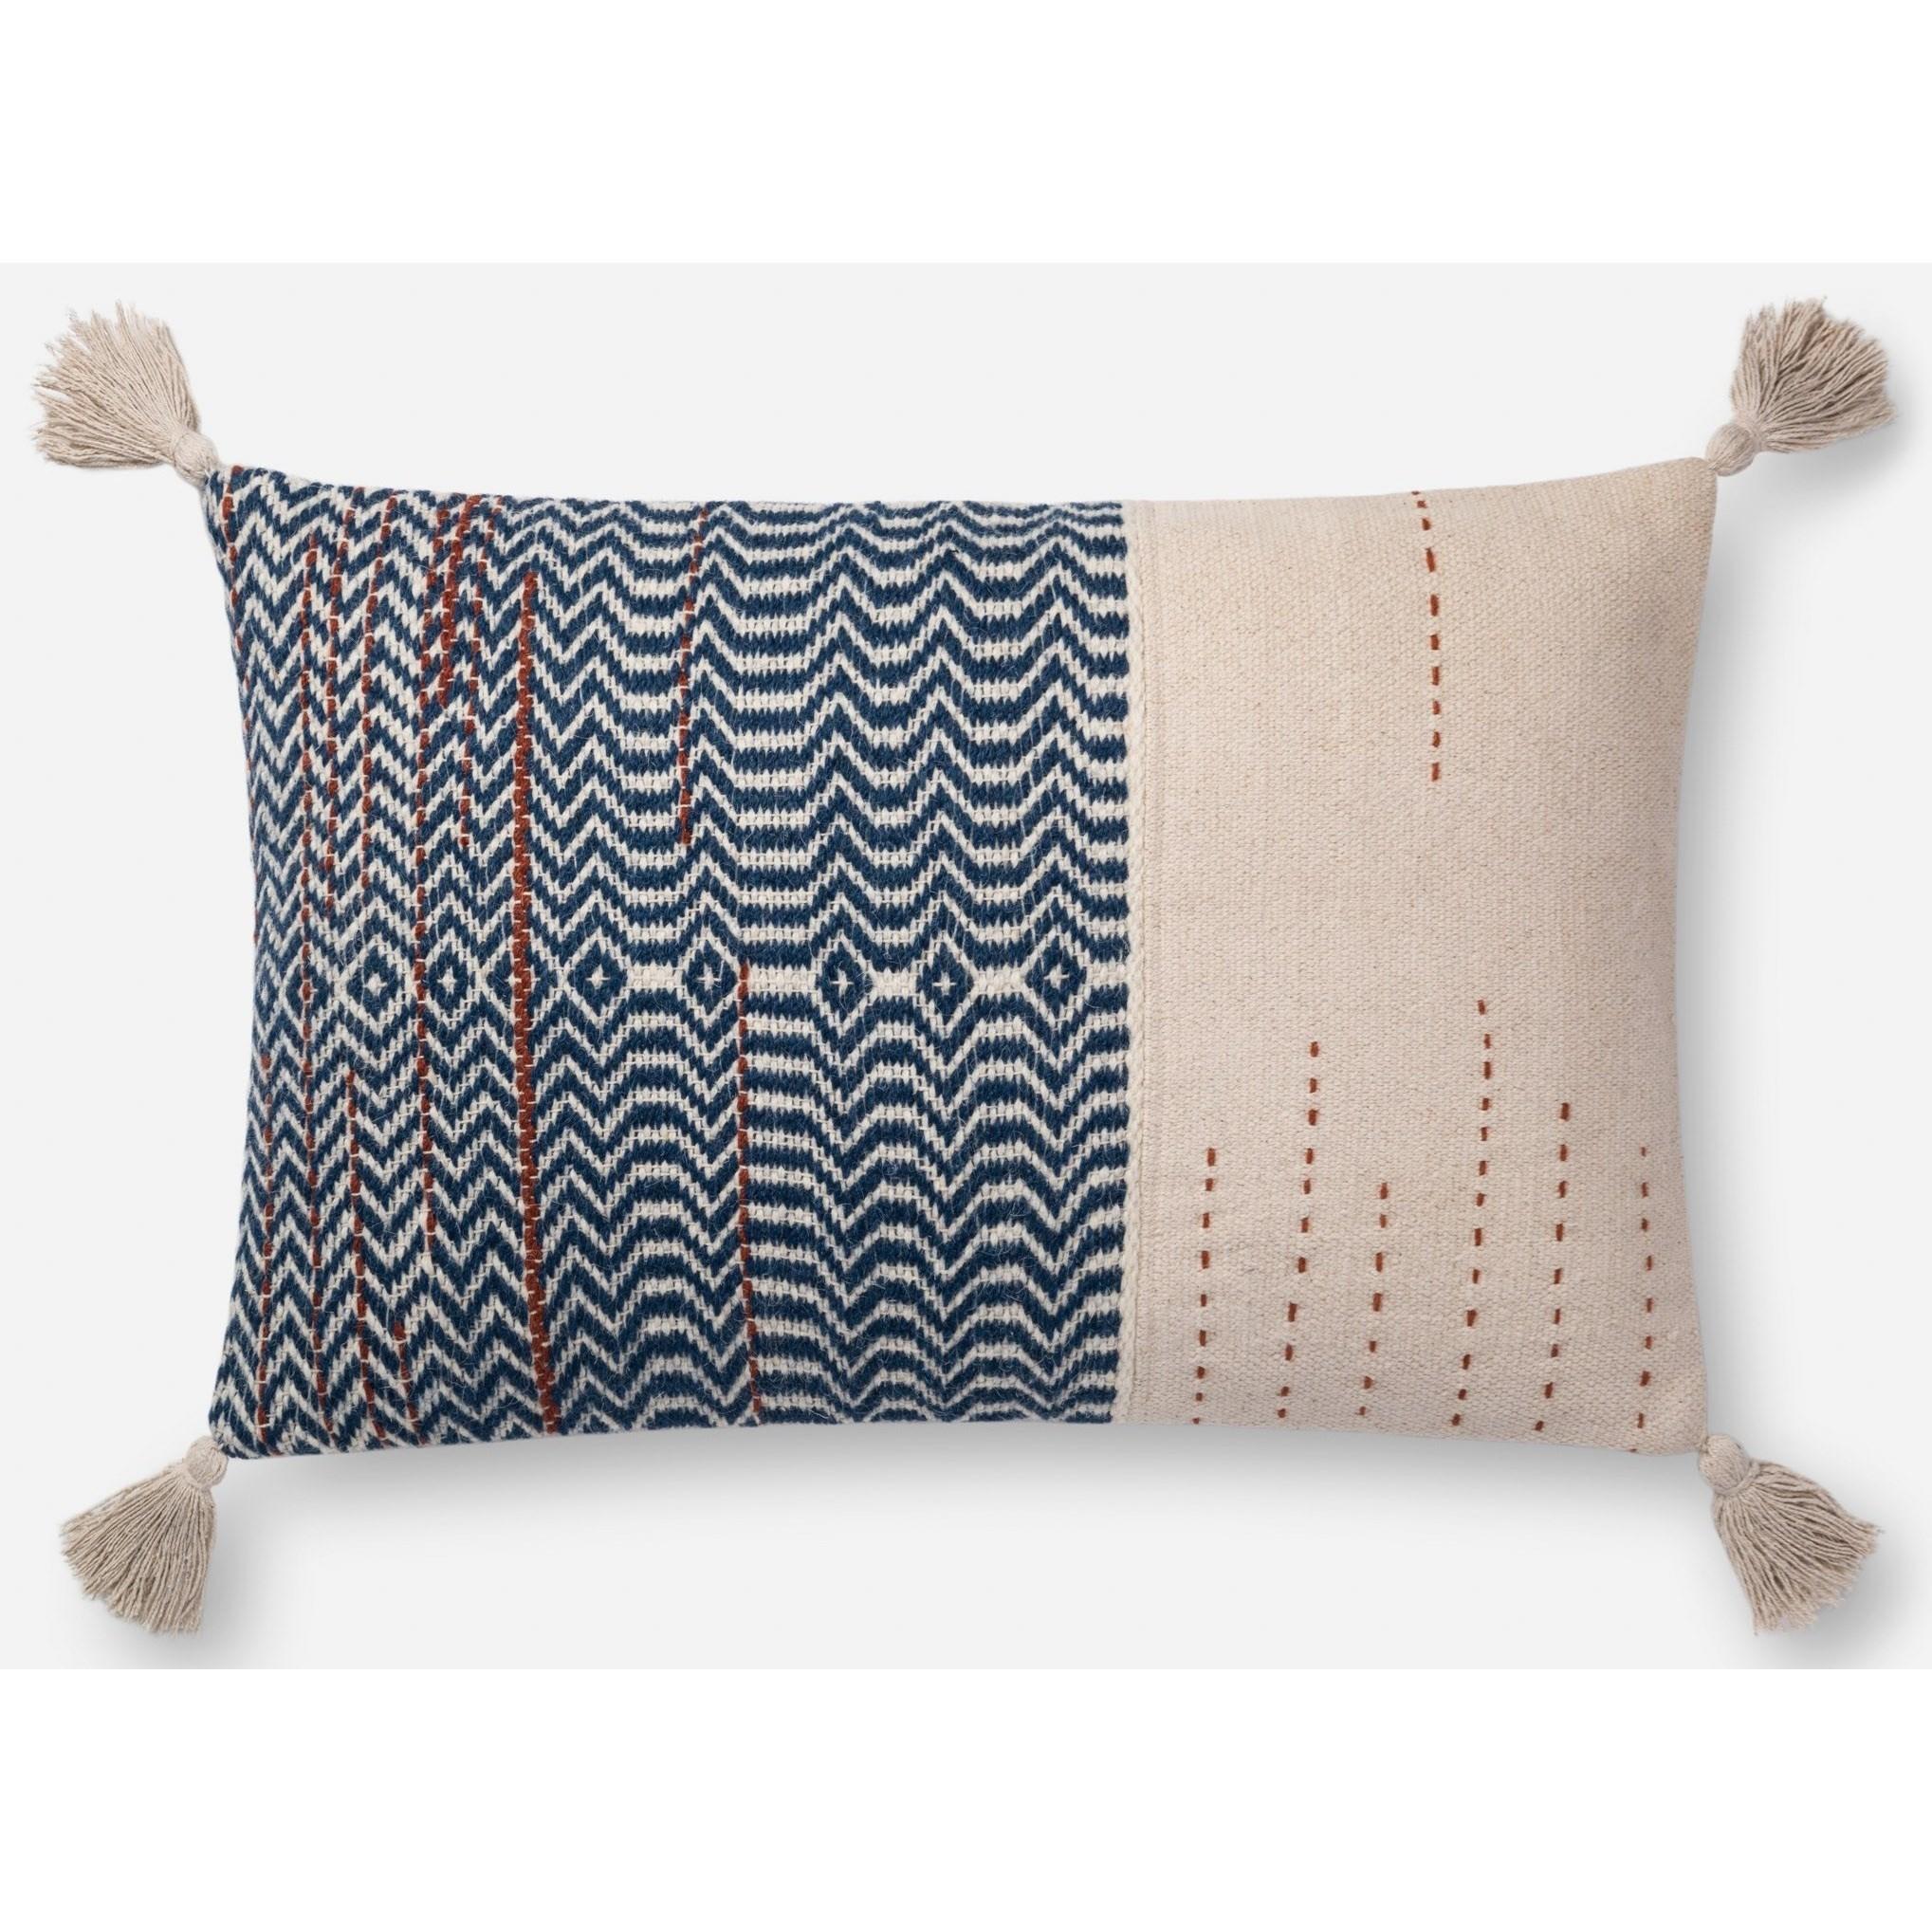 accent pillows 16 x 26 down pillow